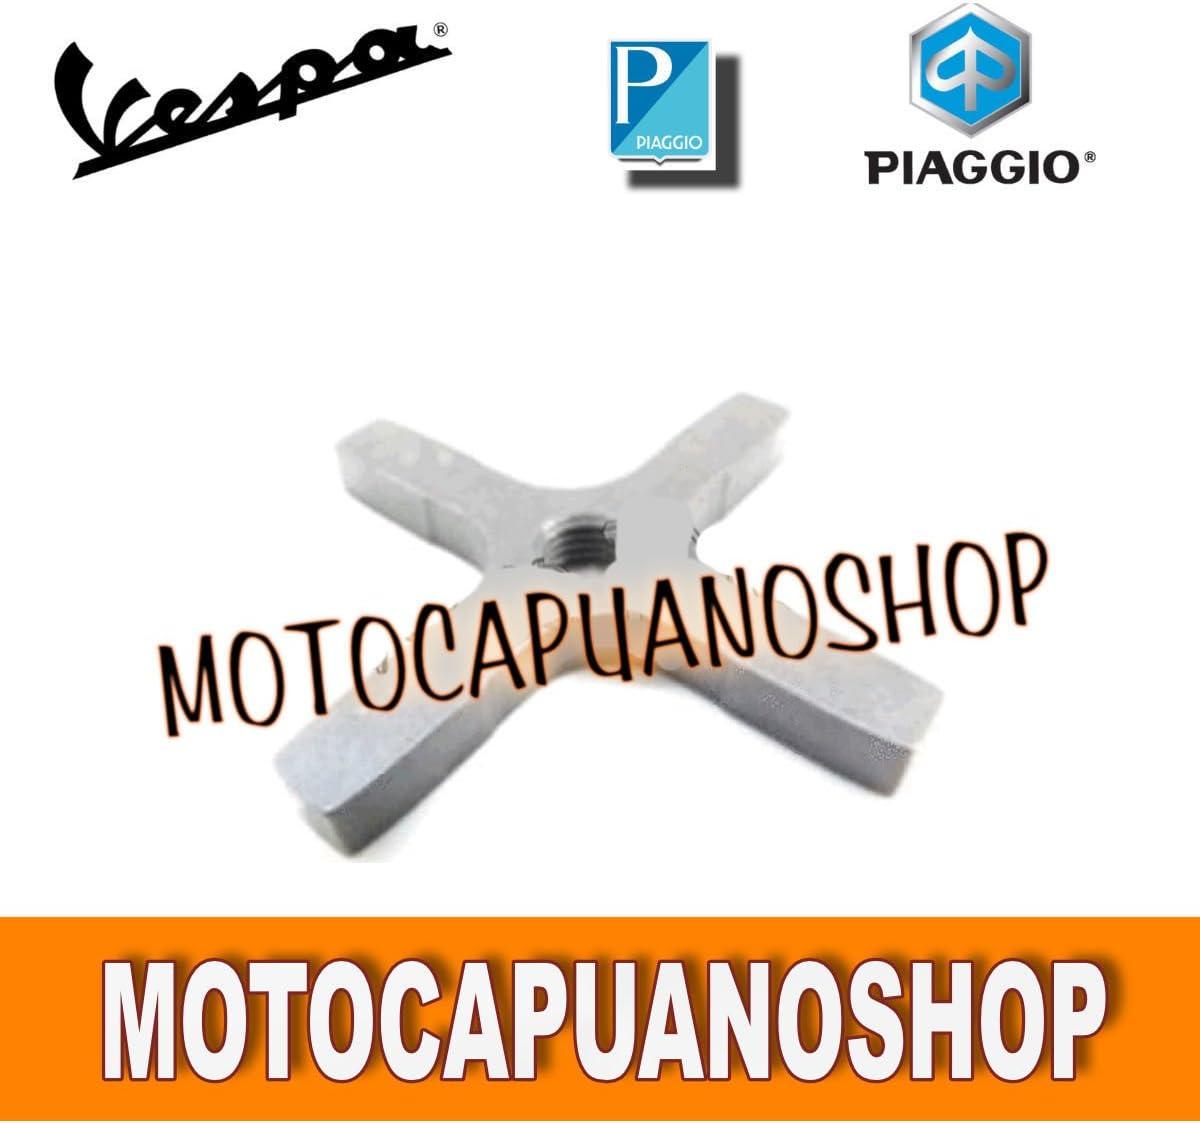 CROCERA CAMBIO LISCIA VESPA 125 150 200 PX ARCOBALENO T5 COSA CL CLX 2